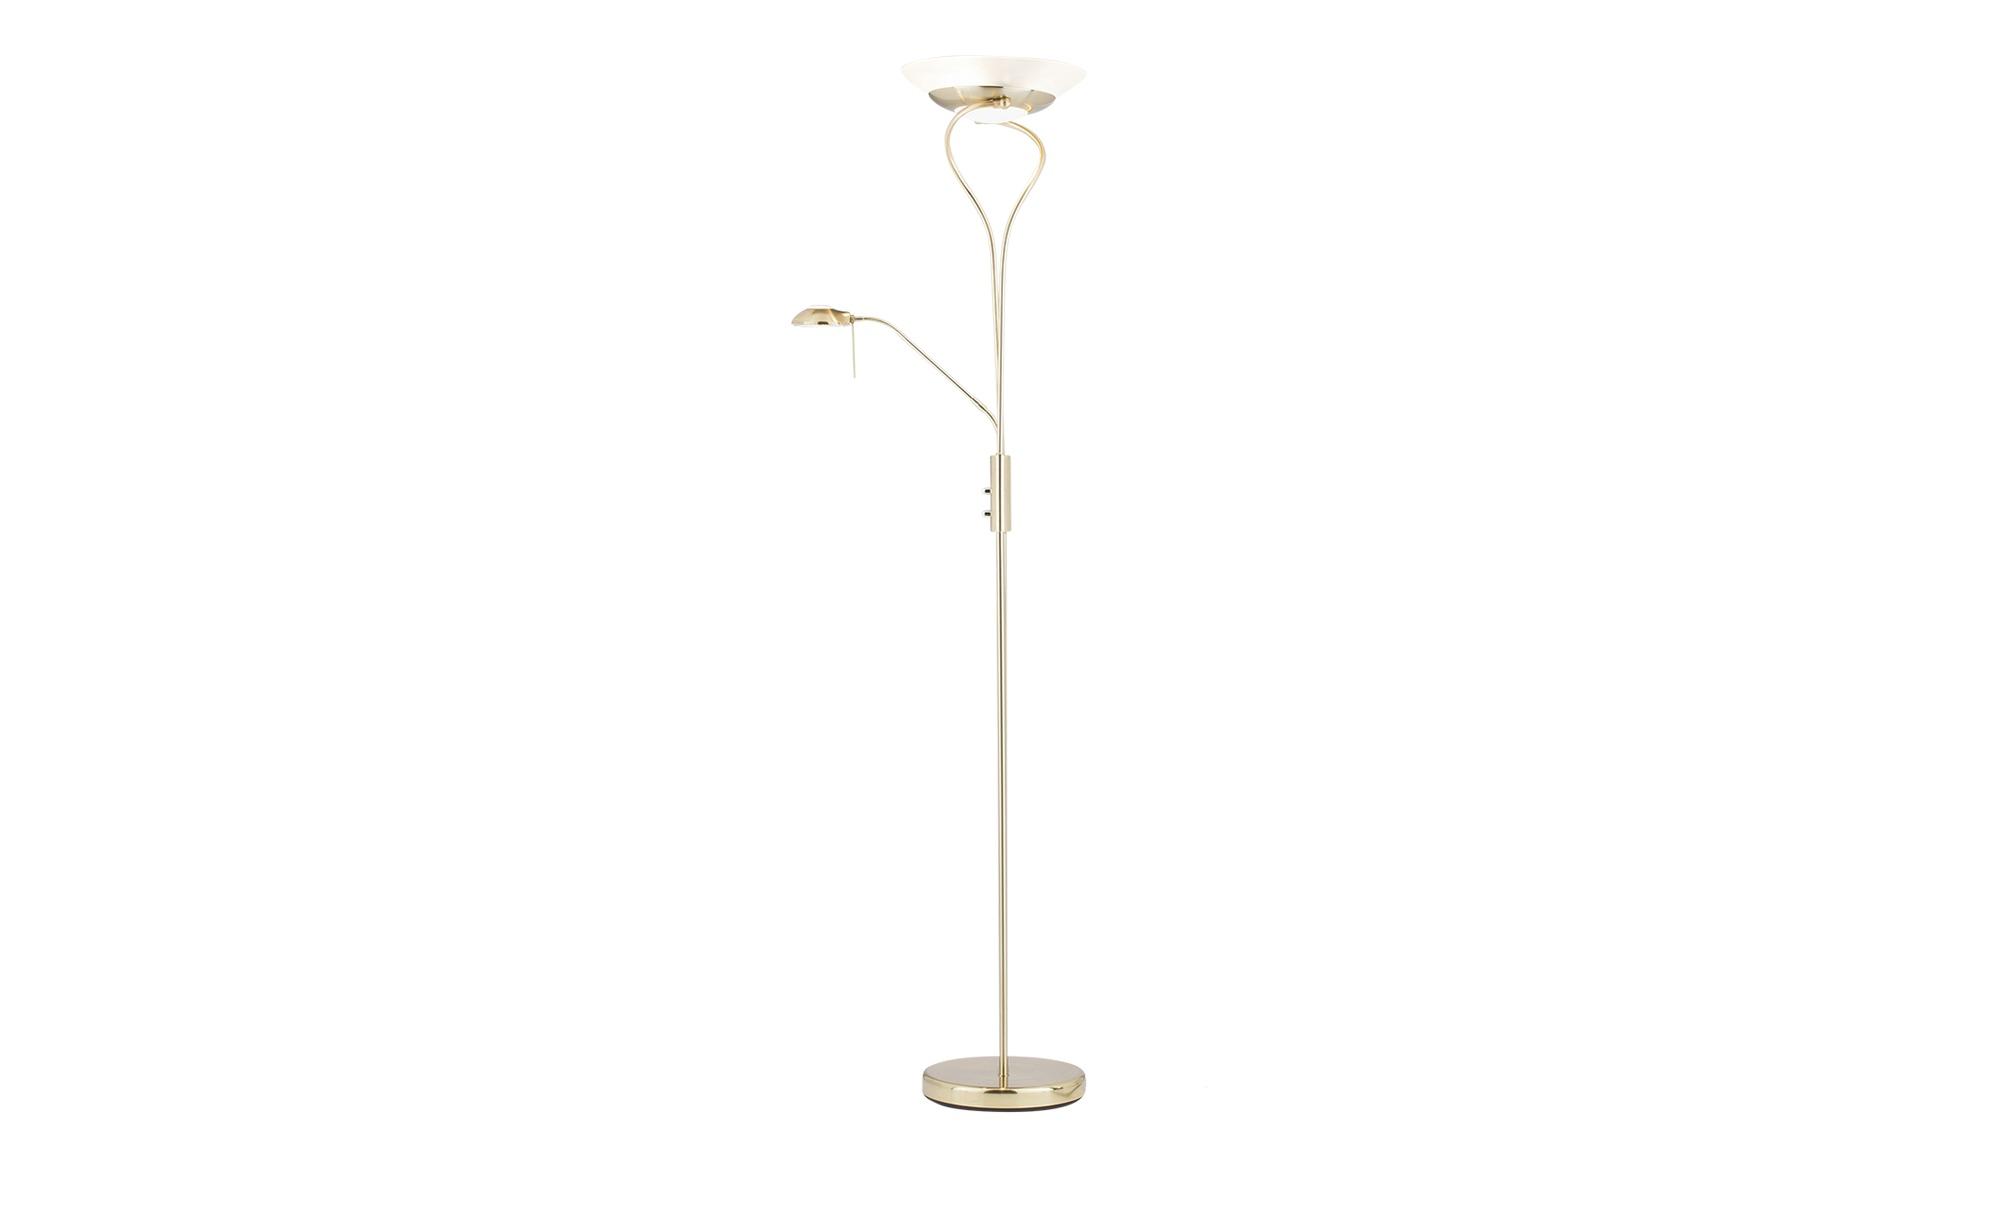 KHG Deckenfluter messing Lesearm - gold - 180 cm - Lampen & Leuchten > Innenleuchten > Deckenfluter - Möbel Kraft | Lampen > Stehlampen > Deckenfluter | KHG